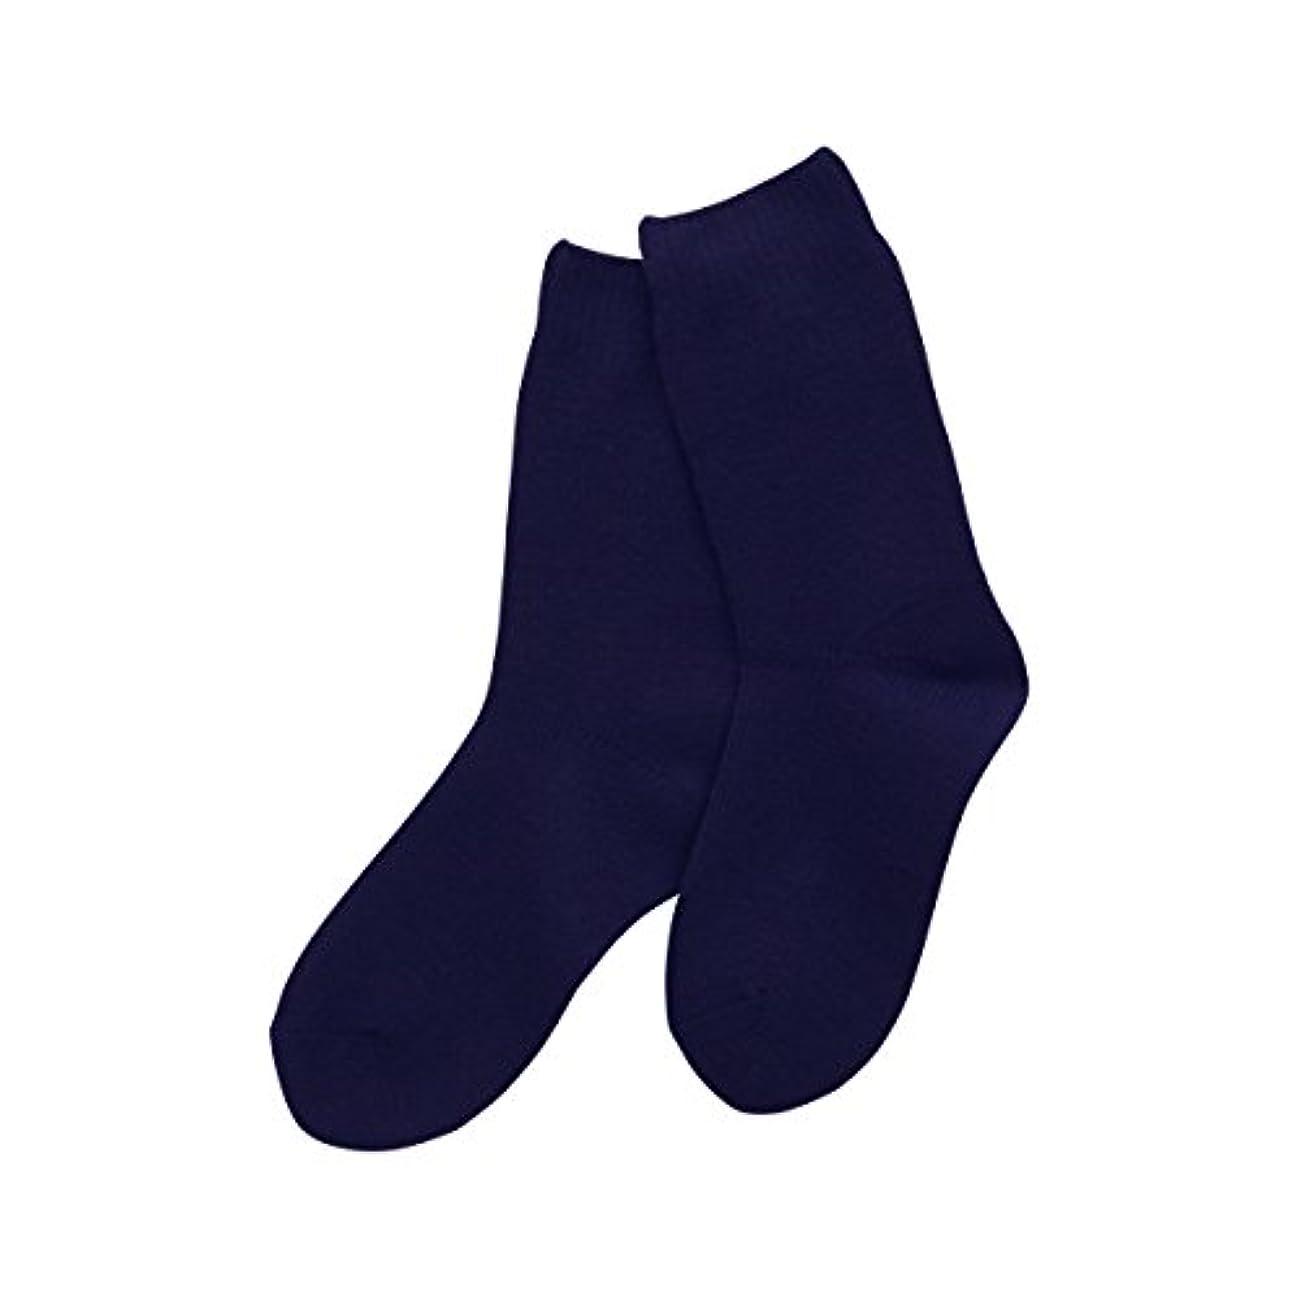 (コベス) KOBES ゴムなし 毛混 超ゆったり特大サイズ 靴下 日本製 紳士靴下